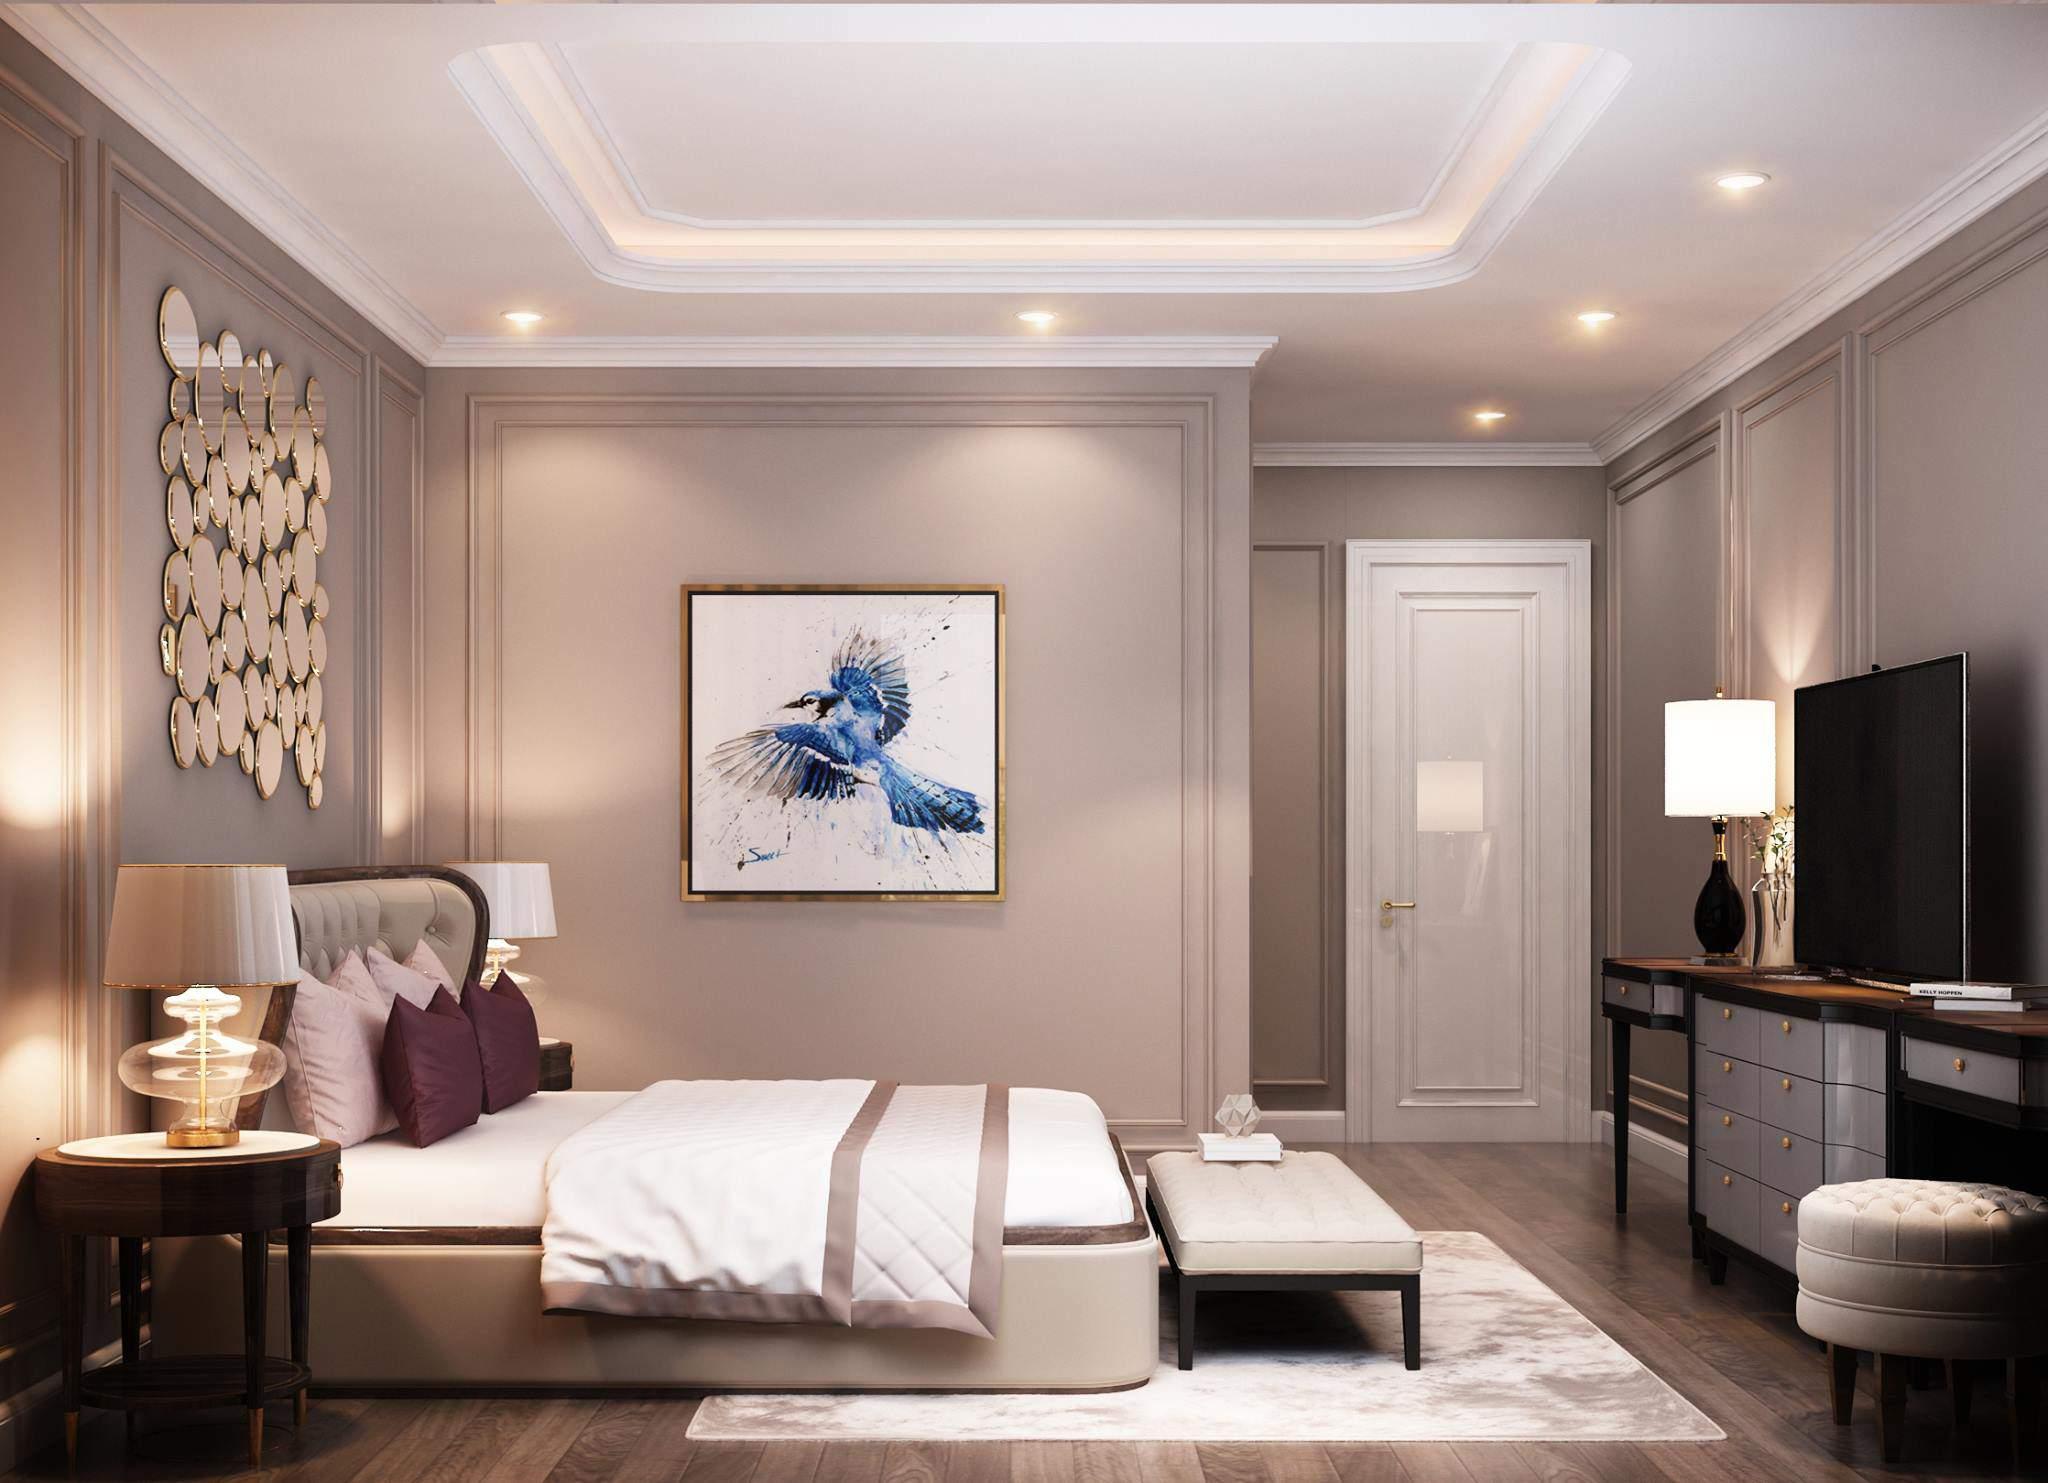 Mẫu thiết kế nội thất phòng ngủ đẹp cho nhà chung cư